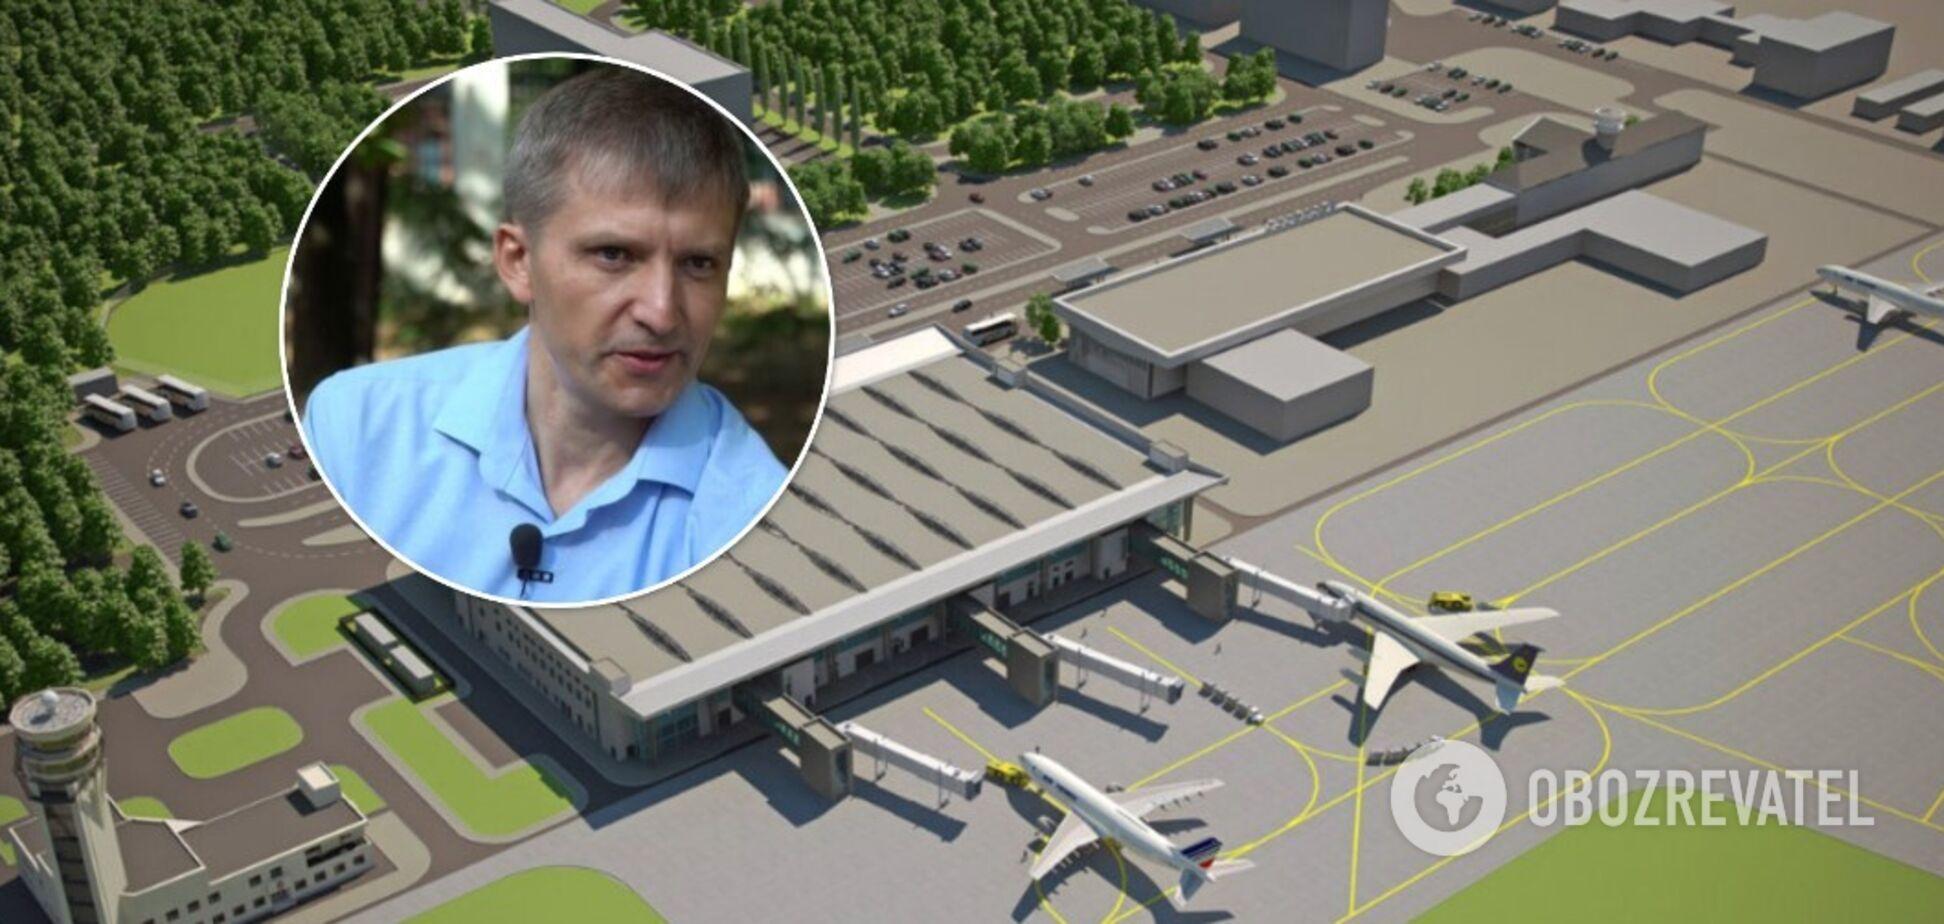 Сергій Демченко пов'язаний зі скандальним 'будівництвом' аеропорту в Дніпрі